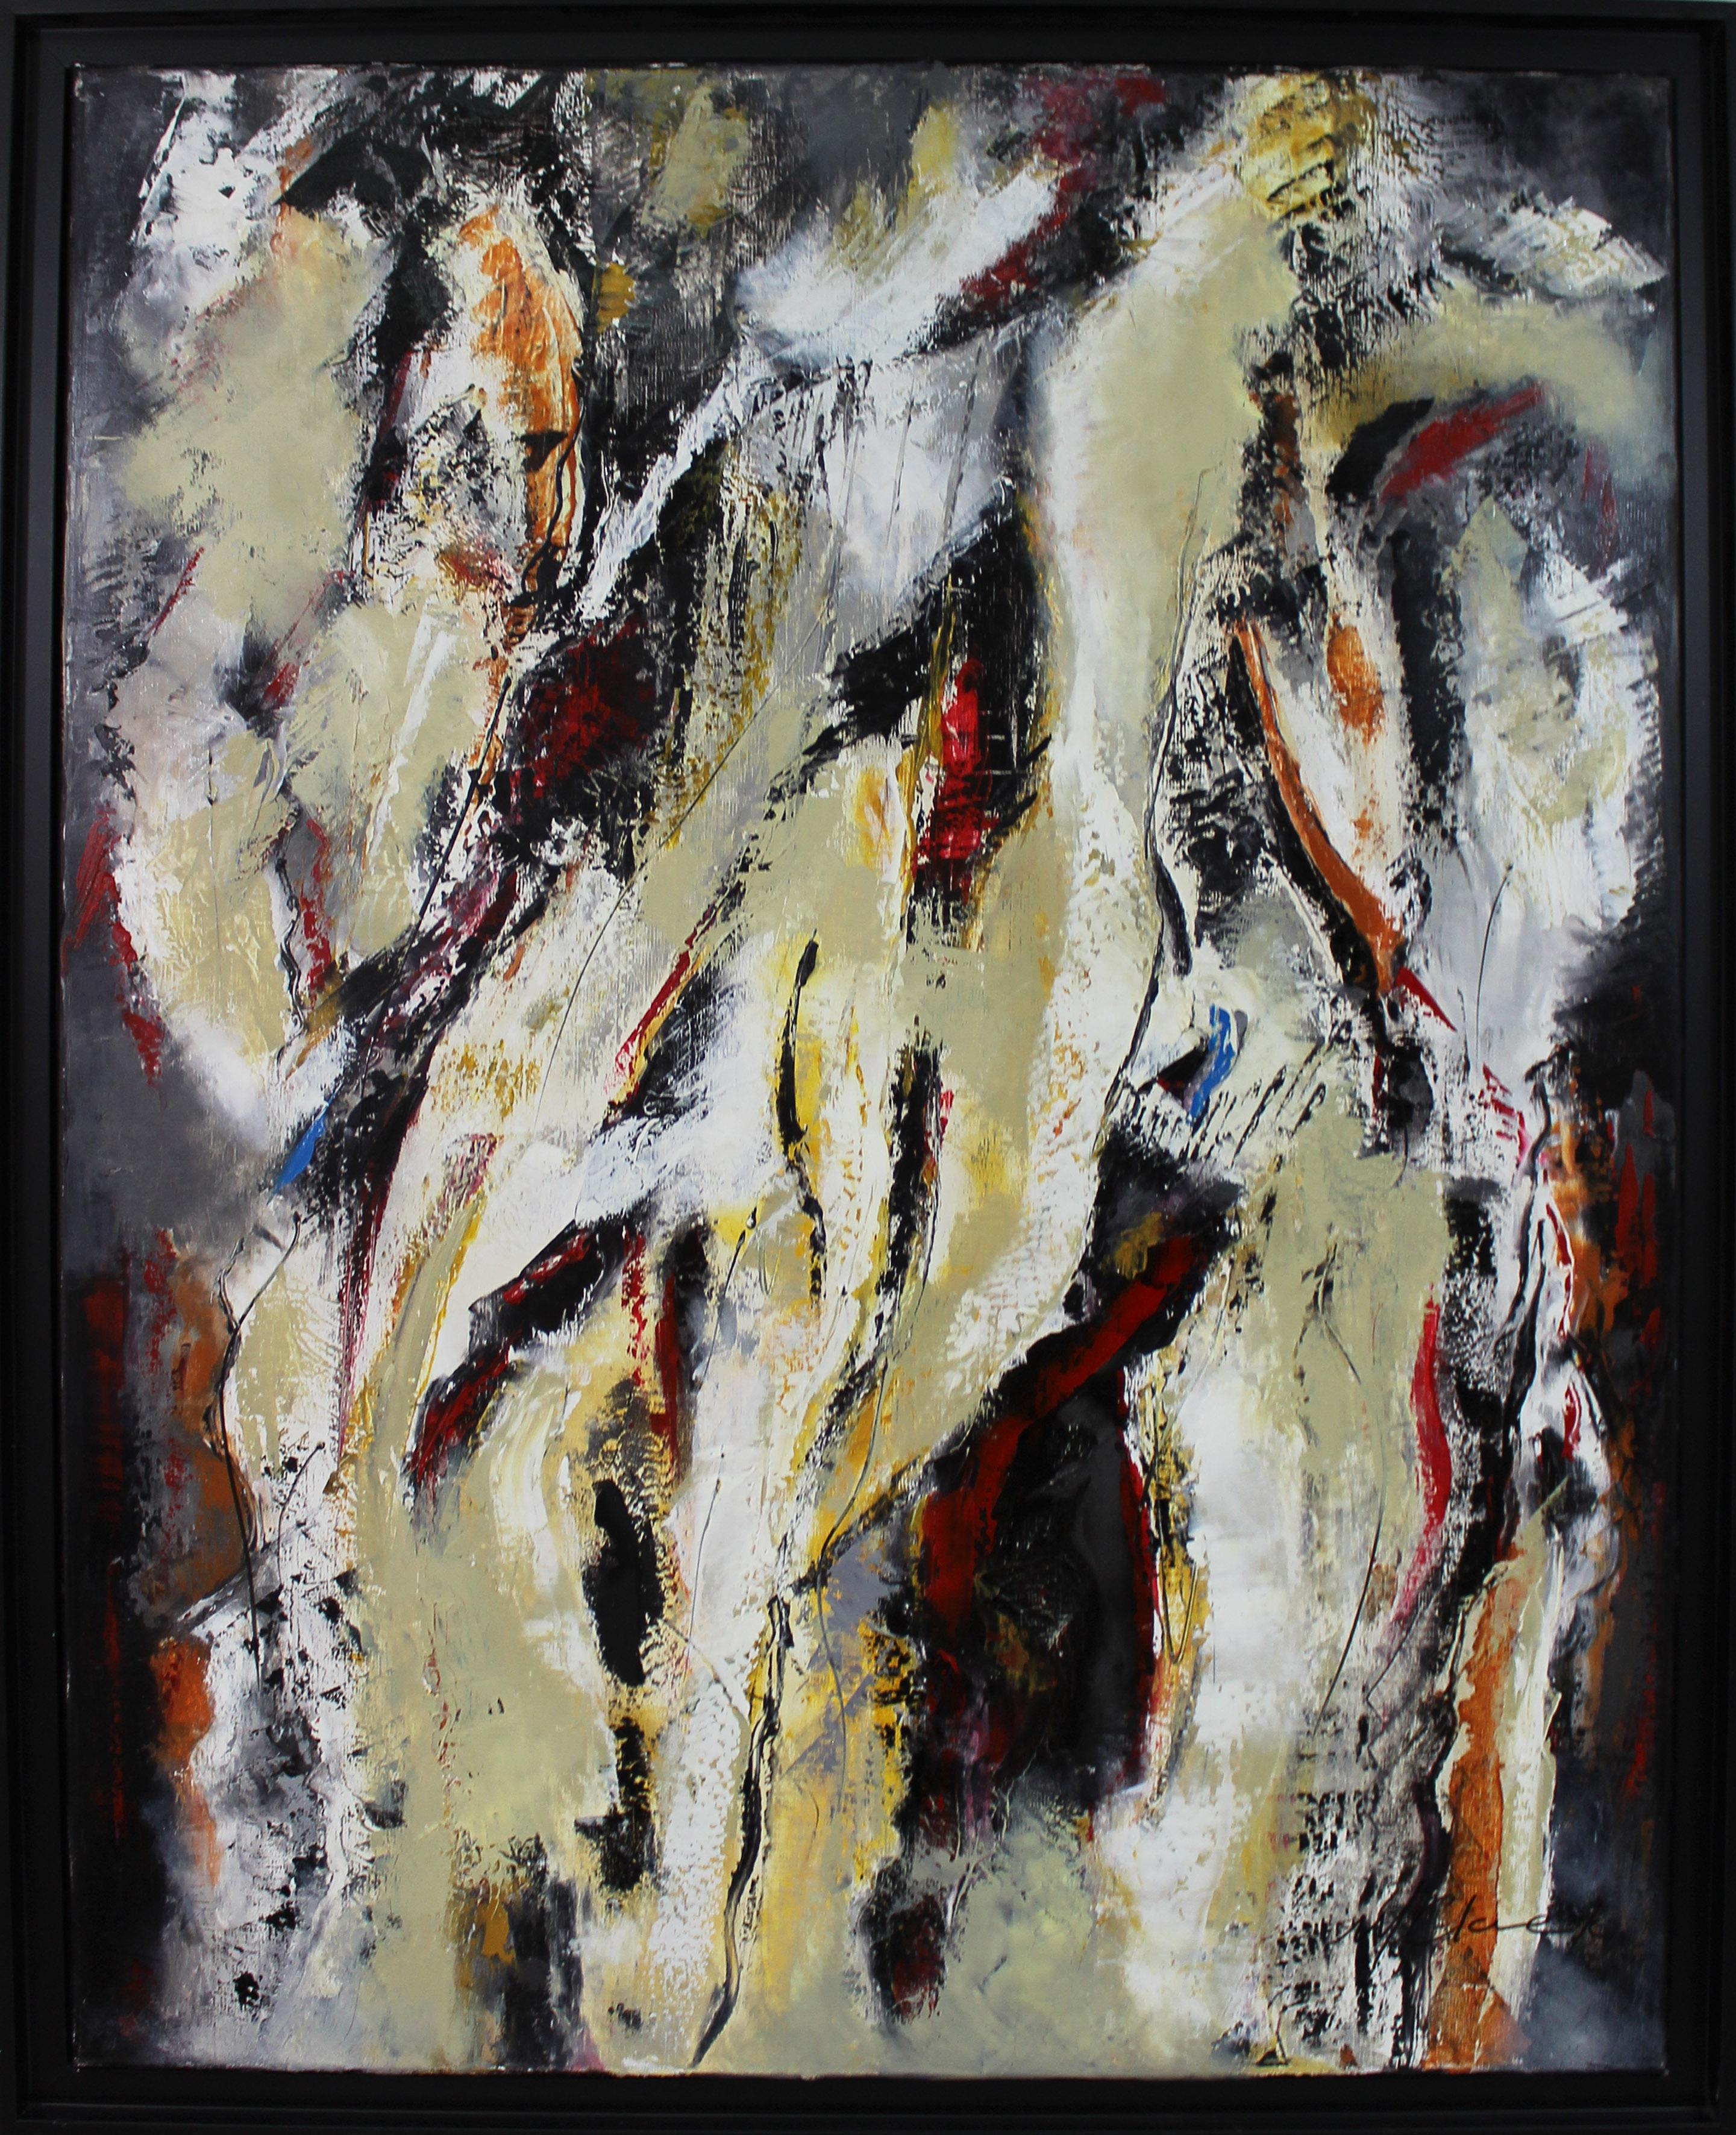 Exposition des tableaux de Marie Claire Ge - Exposition Galerie